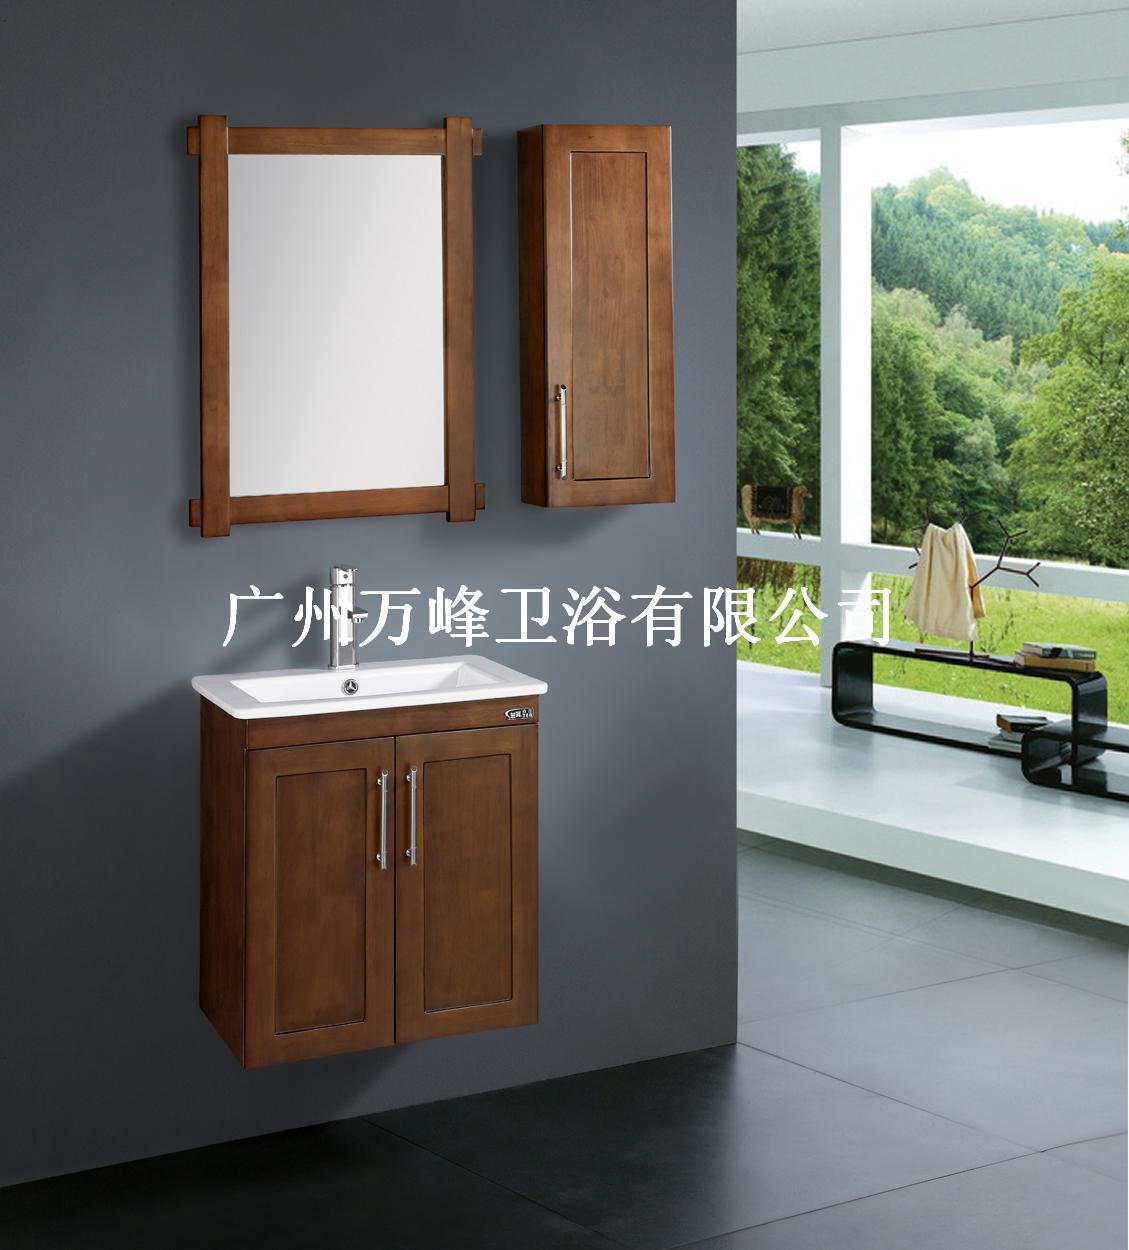 ST-978 浴镜:550*20*750mm 侧柜:250*160*700mm 浴柜:550*460*600mm 图色:黑胡桃 从整体陶瓷台面到柜身,感觉厚重而质朴,严谨又大方;大尺寸整体台面陶瓷盆,使用方便,更易清理;选用进口优质橡木,防水、防潮、不变形,在潮湿的浴室环境中使用,仍可历久常新;所有部件都经过特别的防水防潮处理,可放心在浴室中使用。